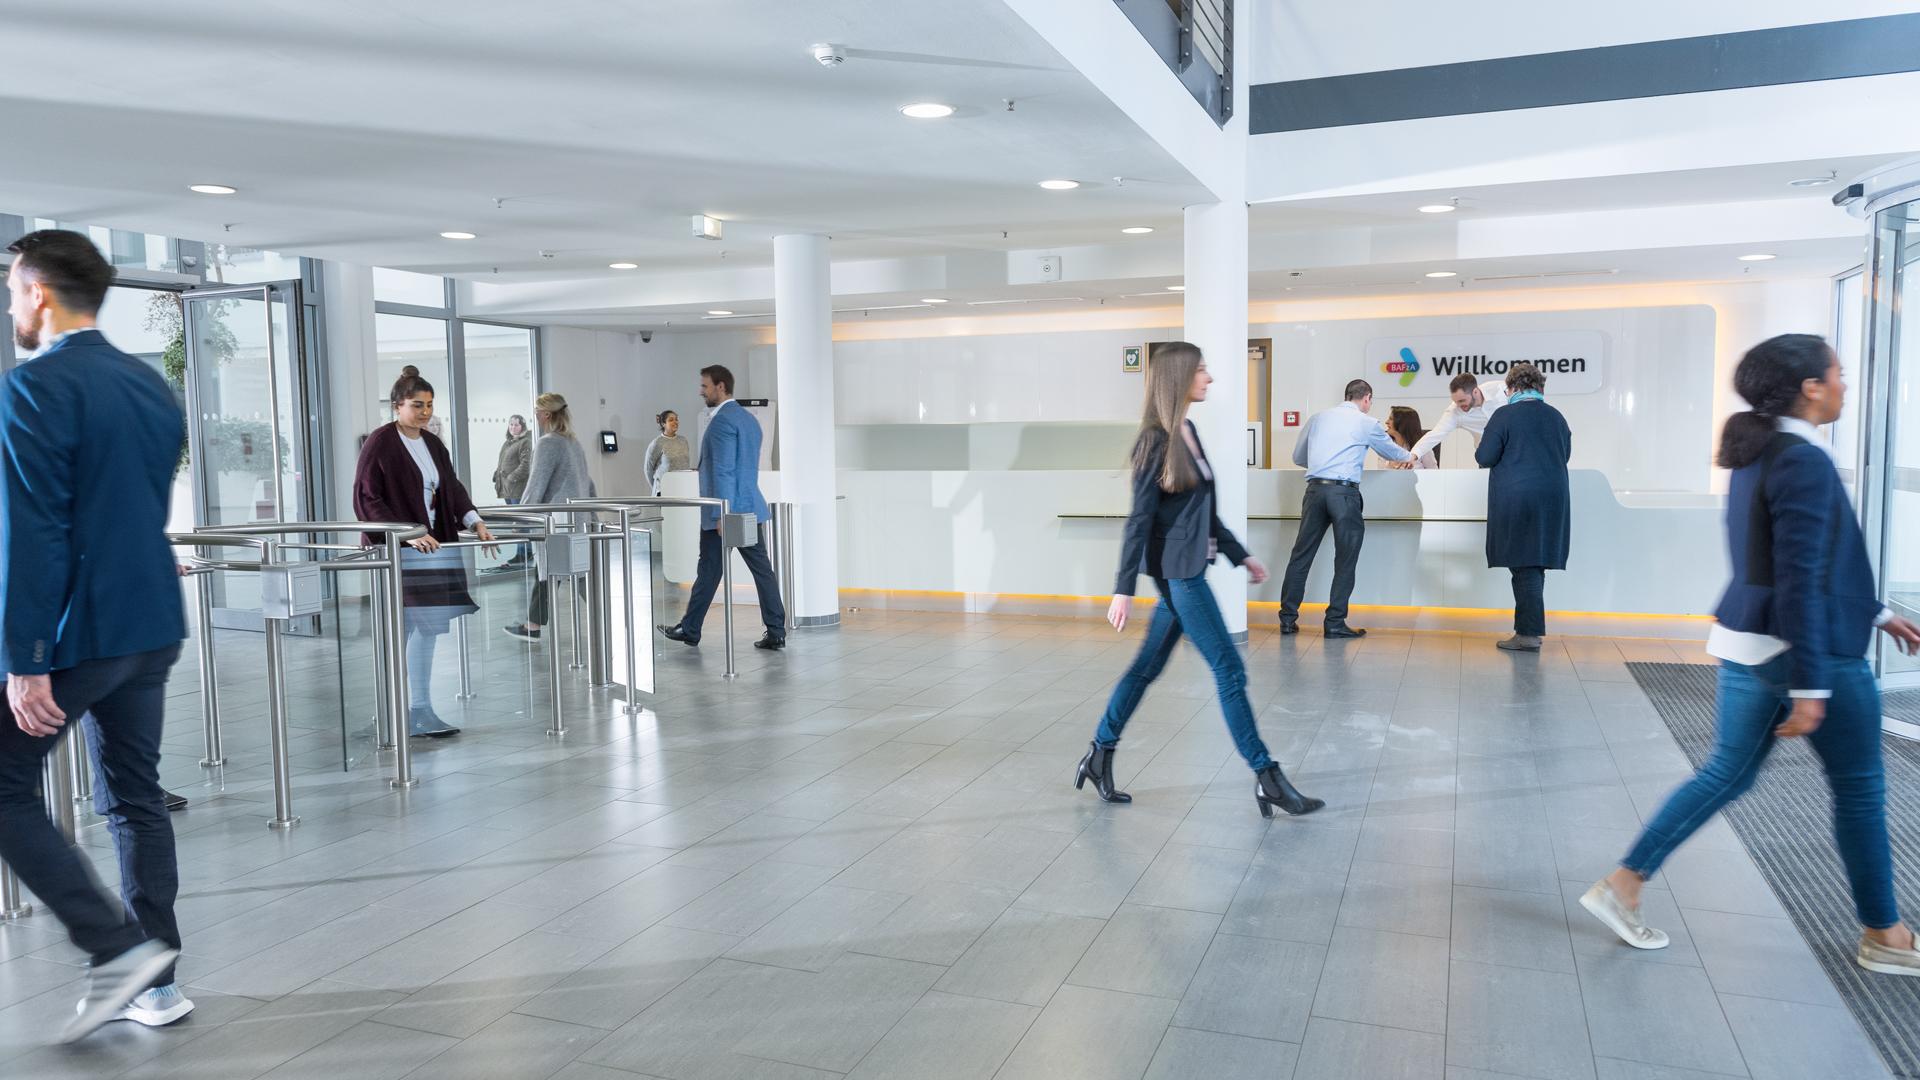 Im Empfangsbereich der BAFzA-Zentrale: In der hellen, modernen Eingangshalle kommen und gehen Menschen.